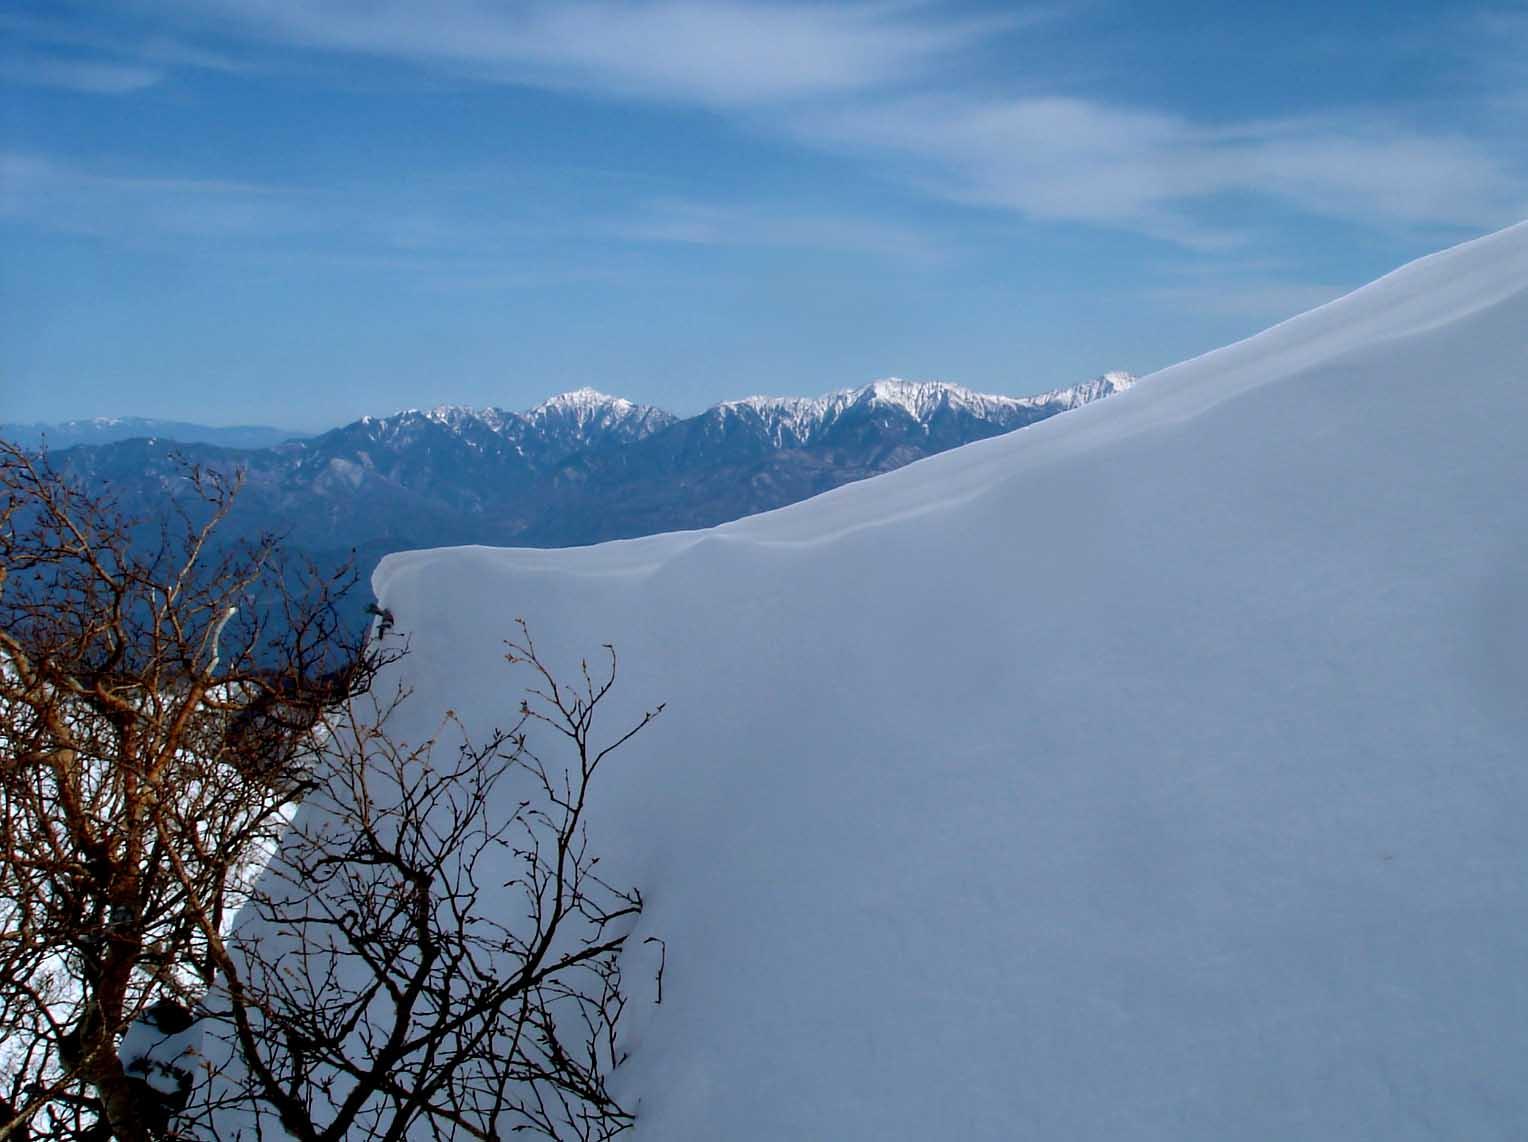 雪庇の縁に出来た小さな雪庇 DSC05519